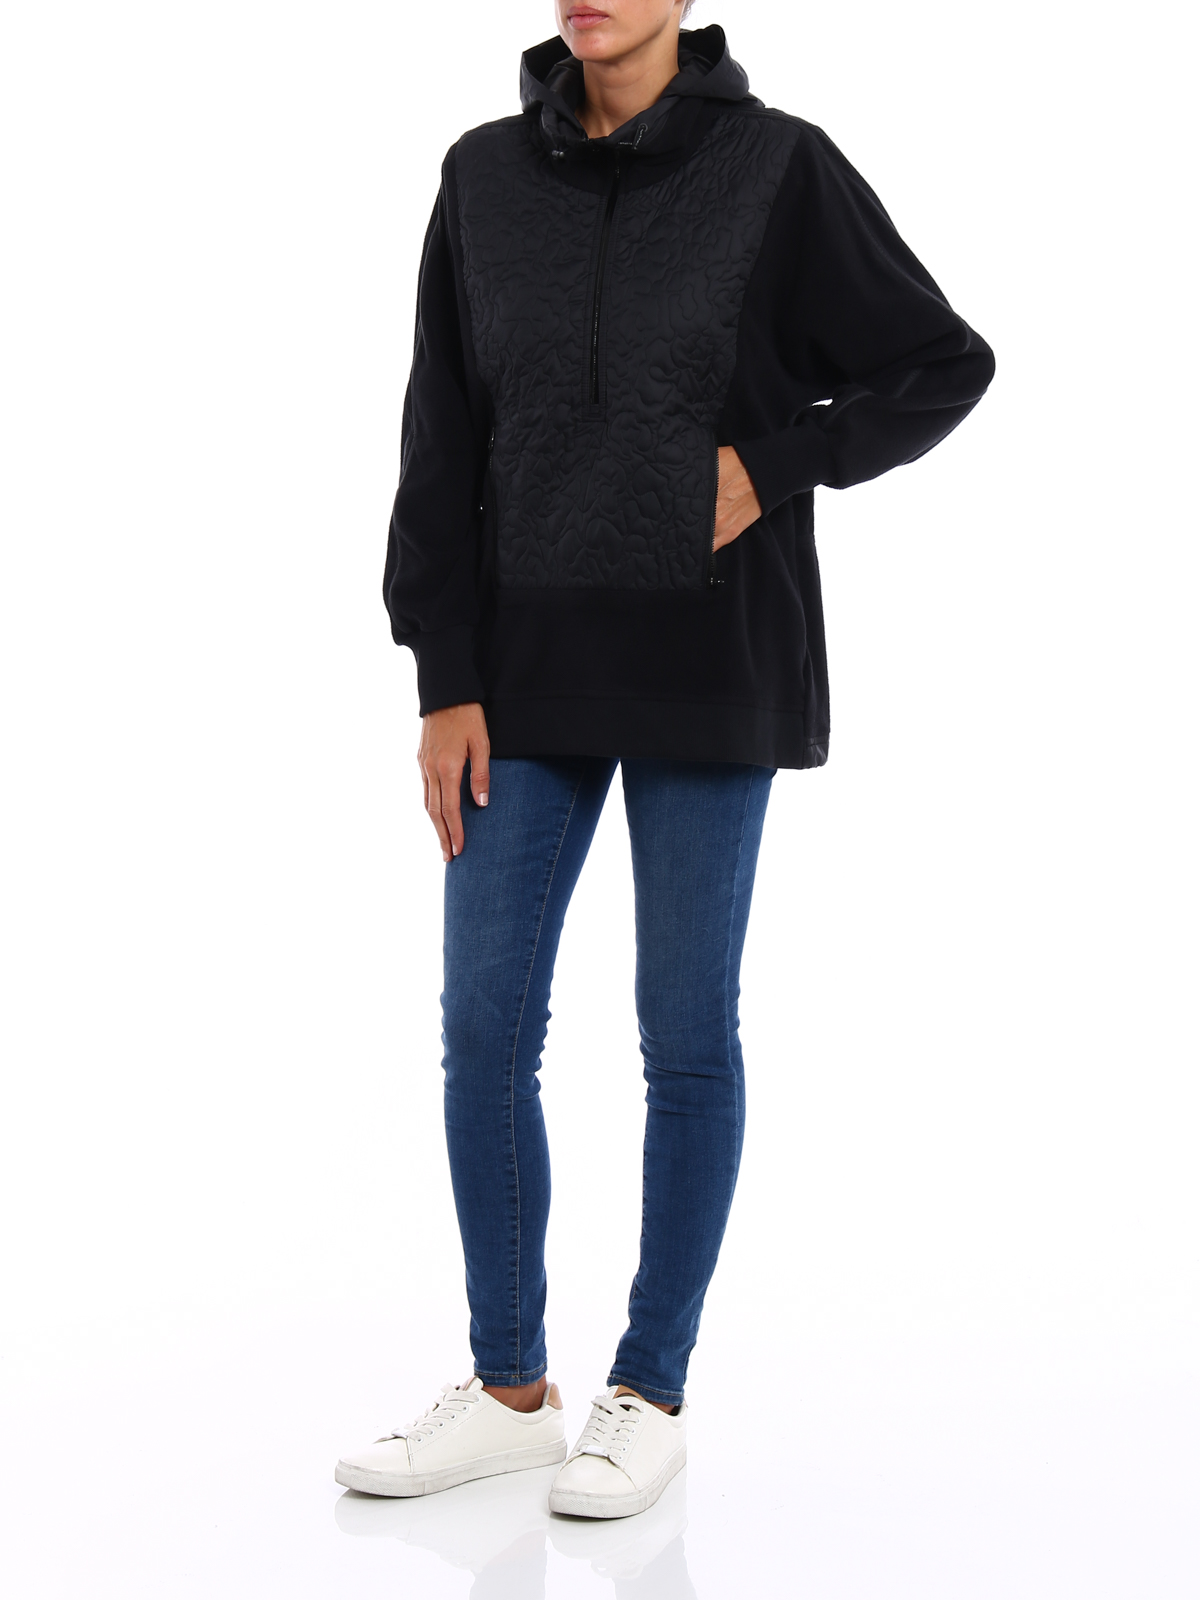 a52842786fb44 Run Polar fleece sweatshirt shop online: ADIDAS BY STELLA MCCARTNEY